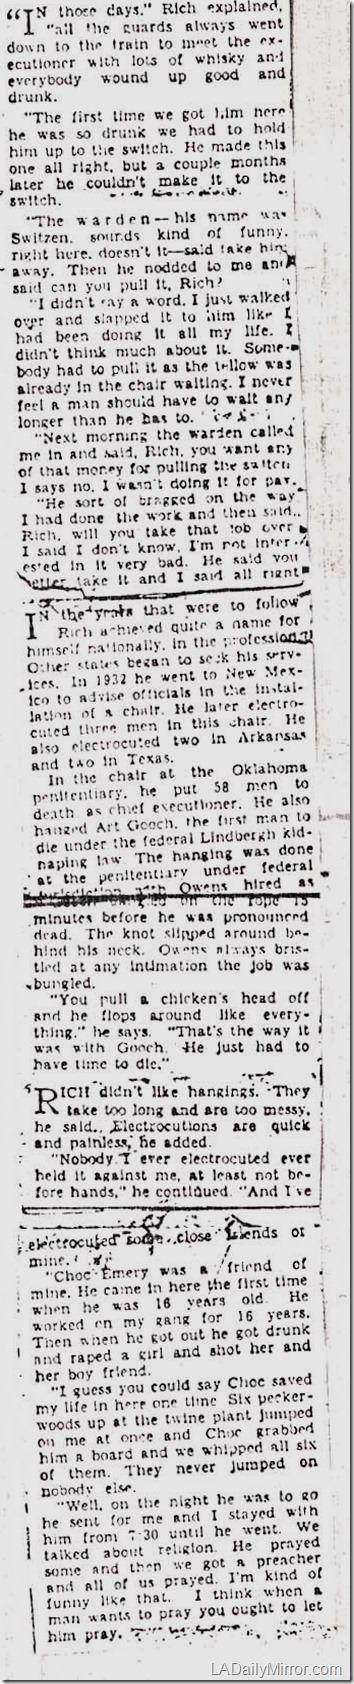 Feb. 27, 1948, Rich Owens